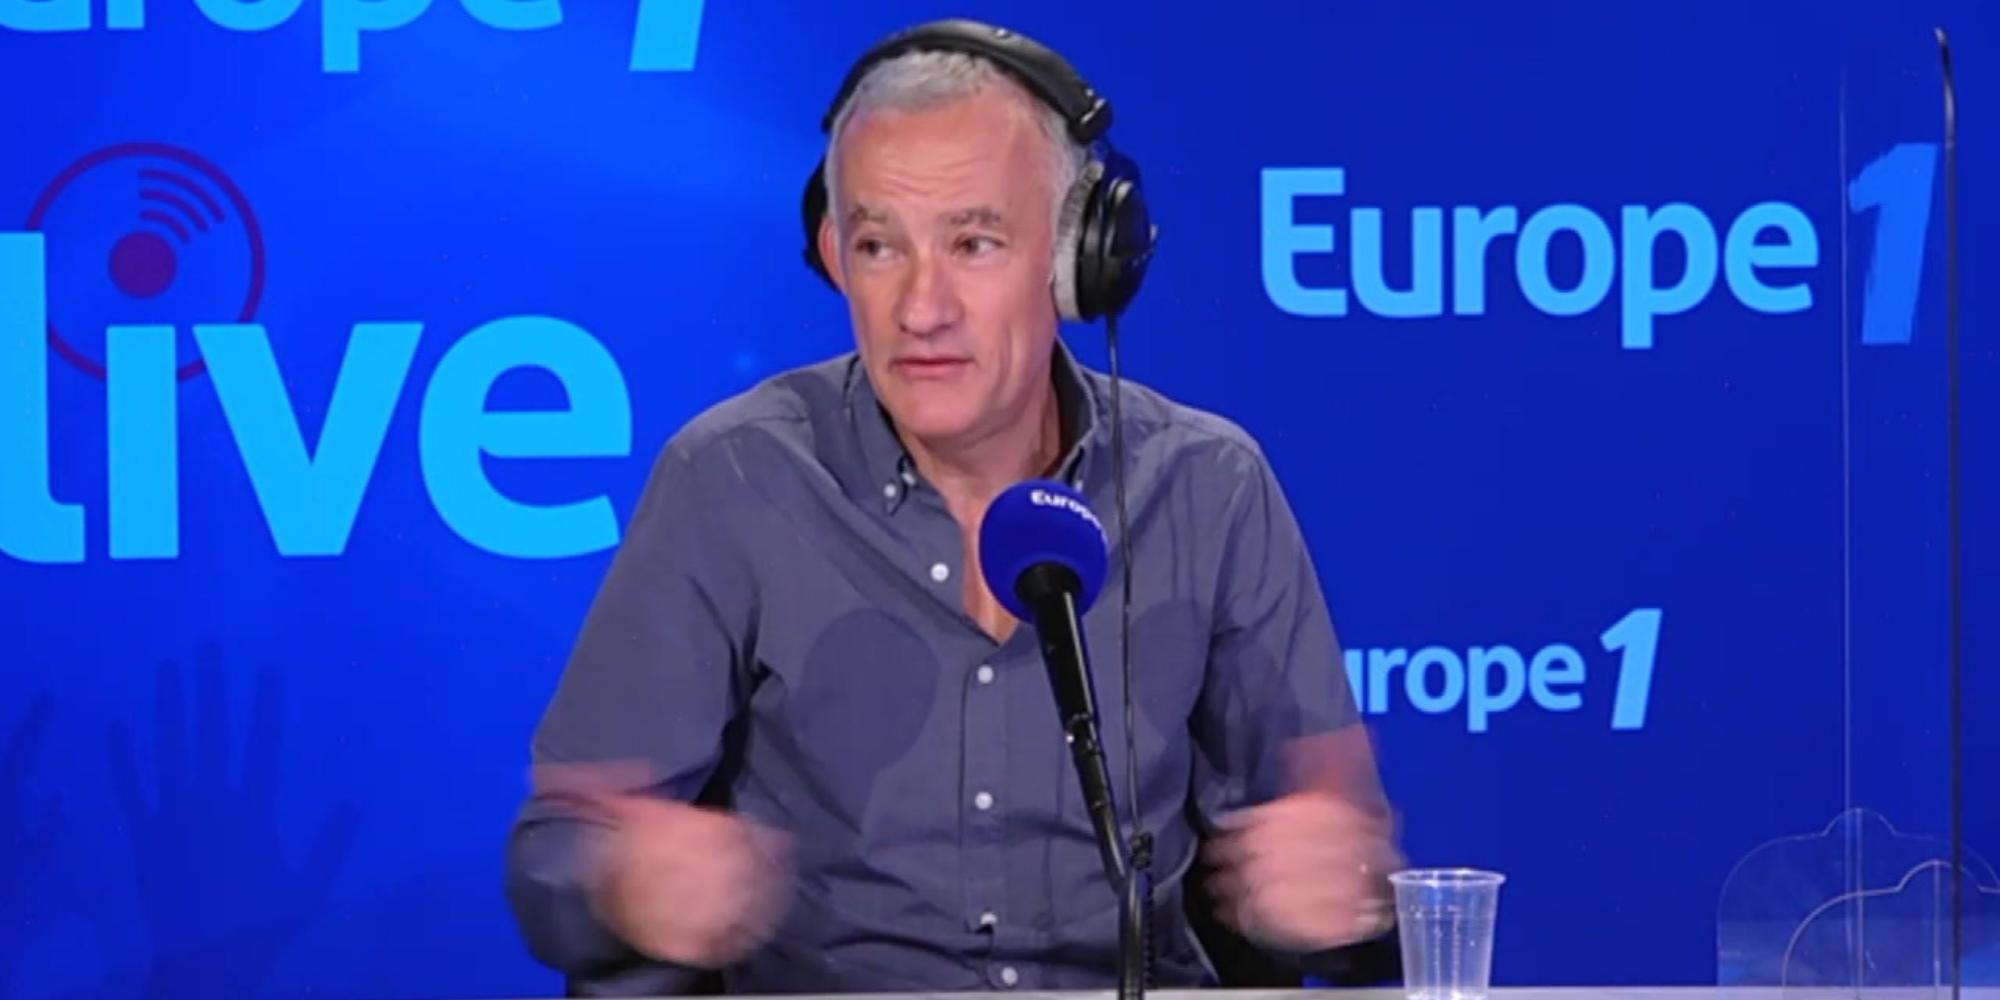 Sarkozy, Sardou, De Niro... Les interviews difficiles et insolites de Gilles Bouleau